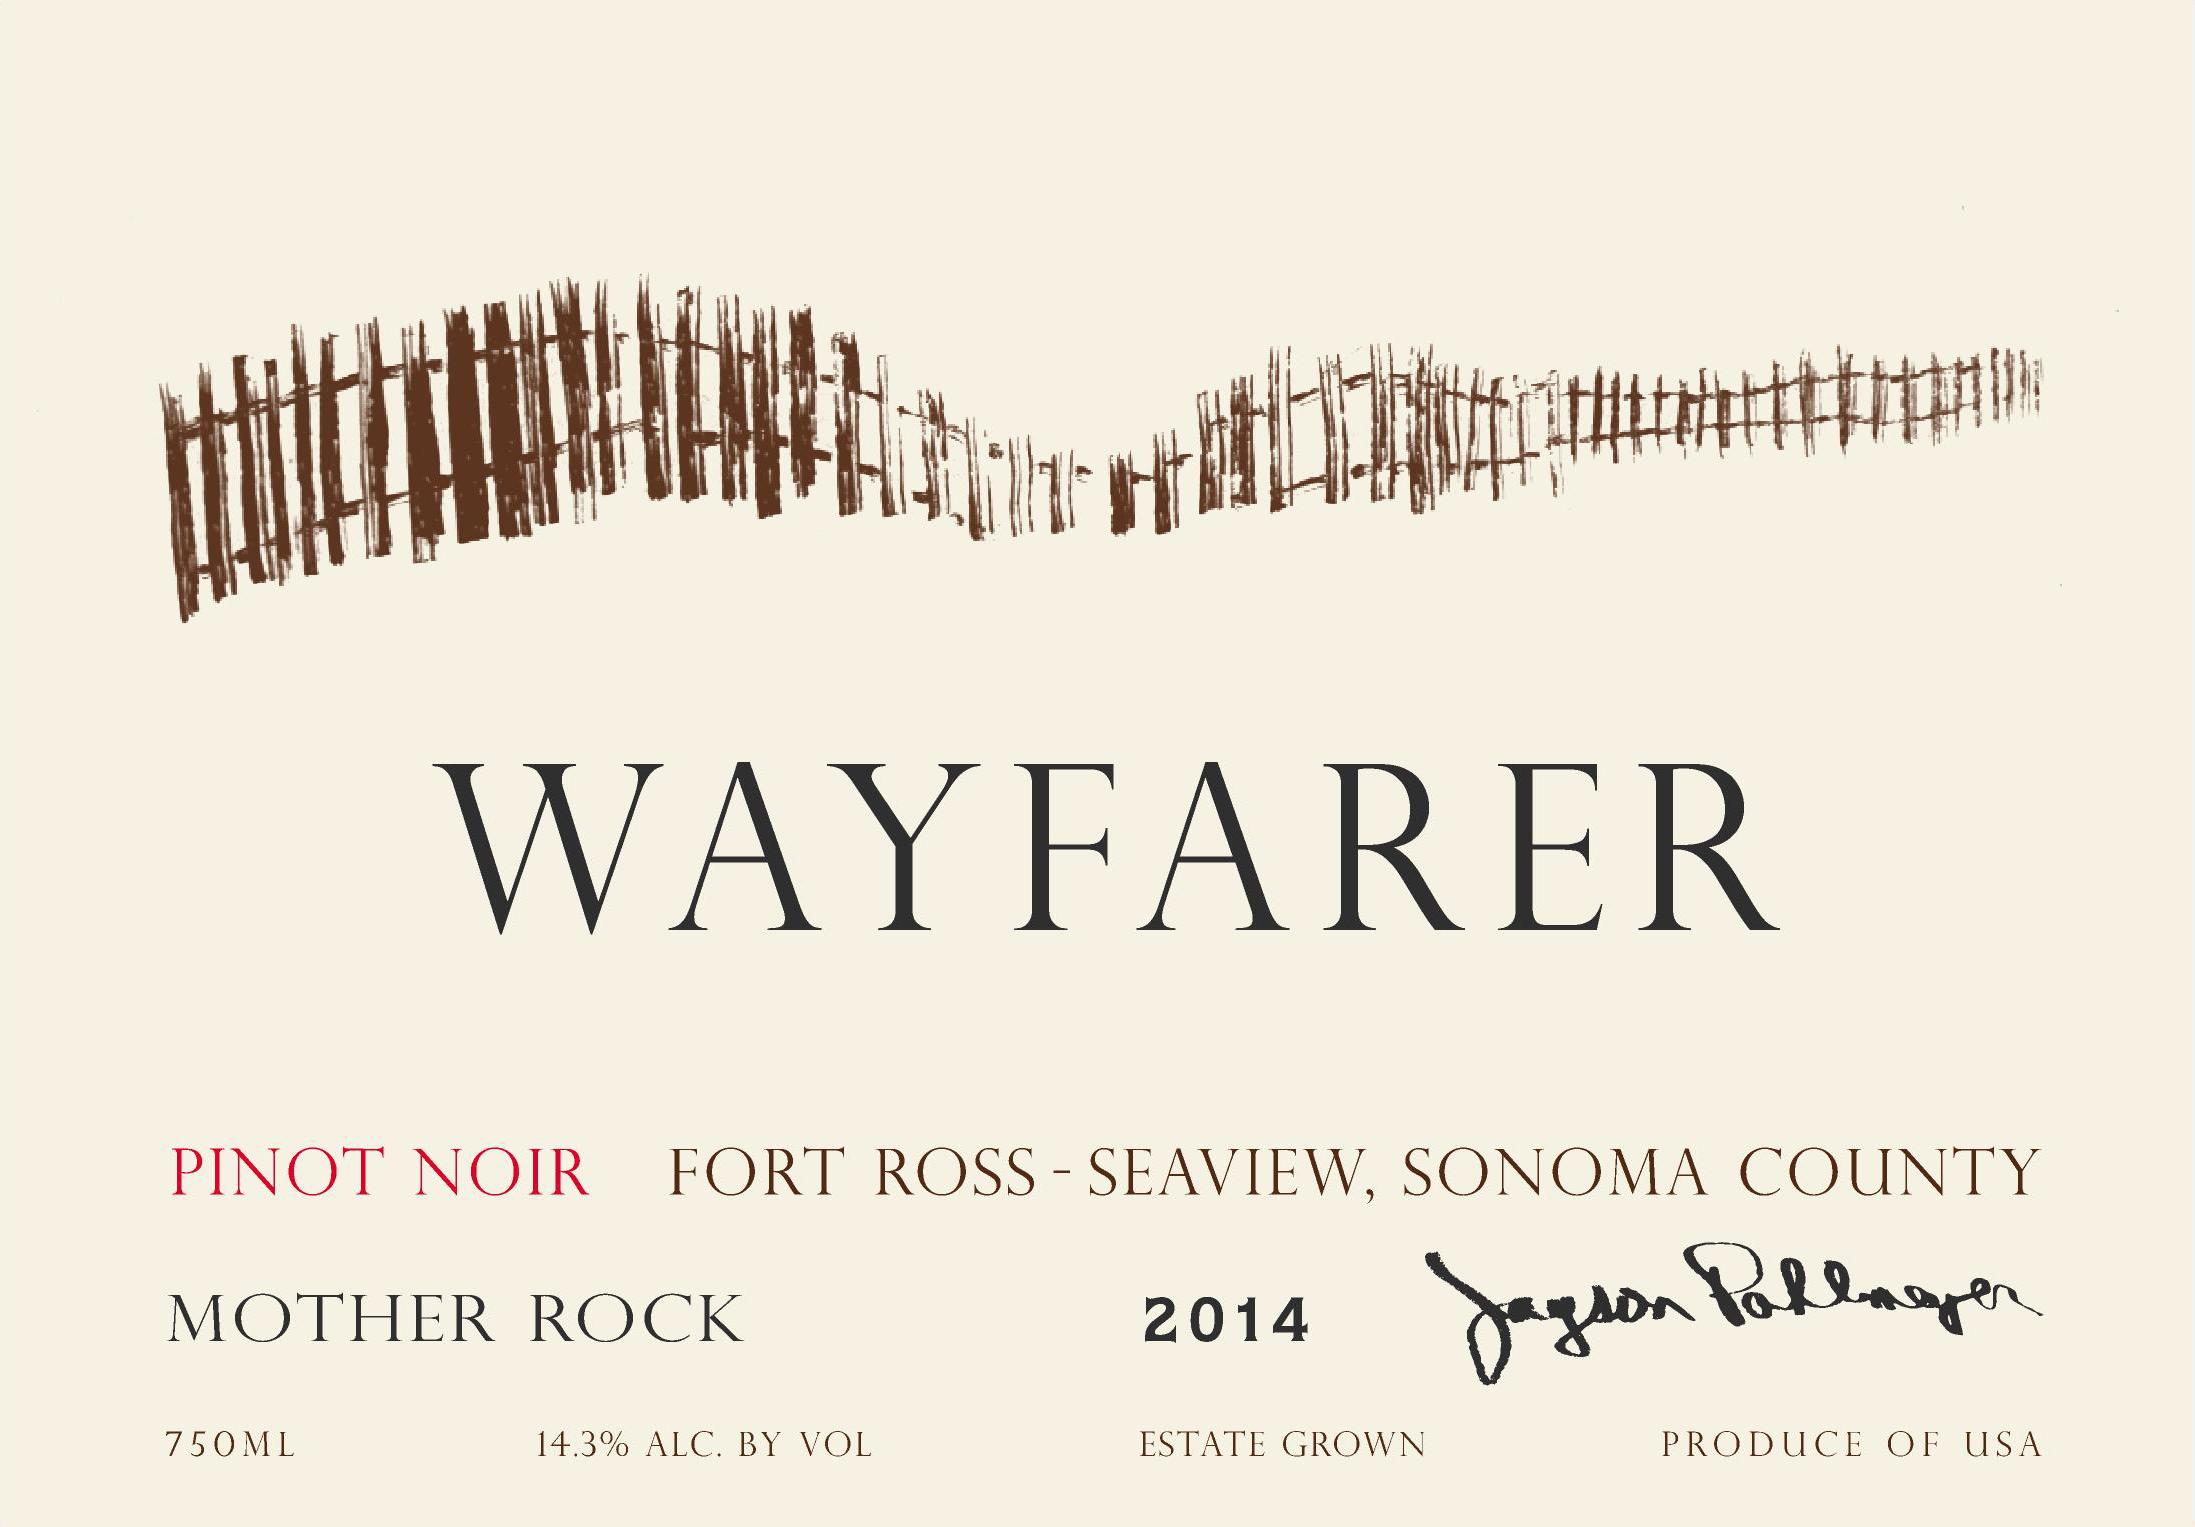 Wayfarer: Mother Rock Pinot Noir